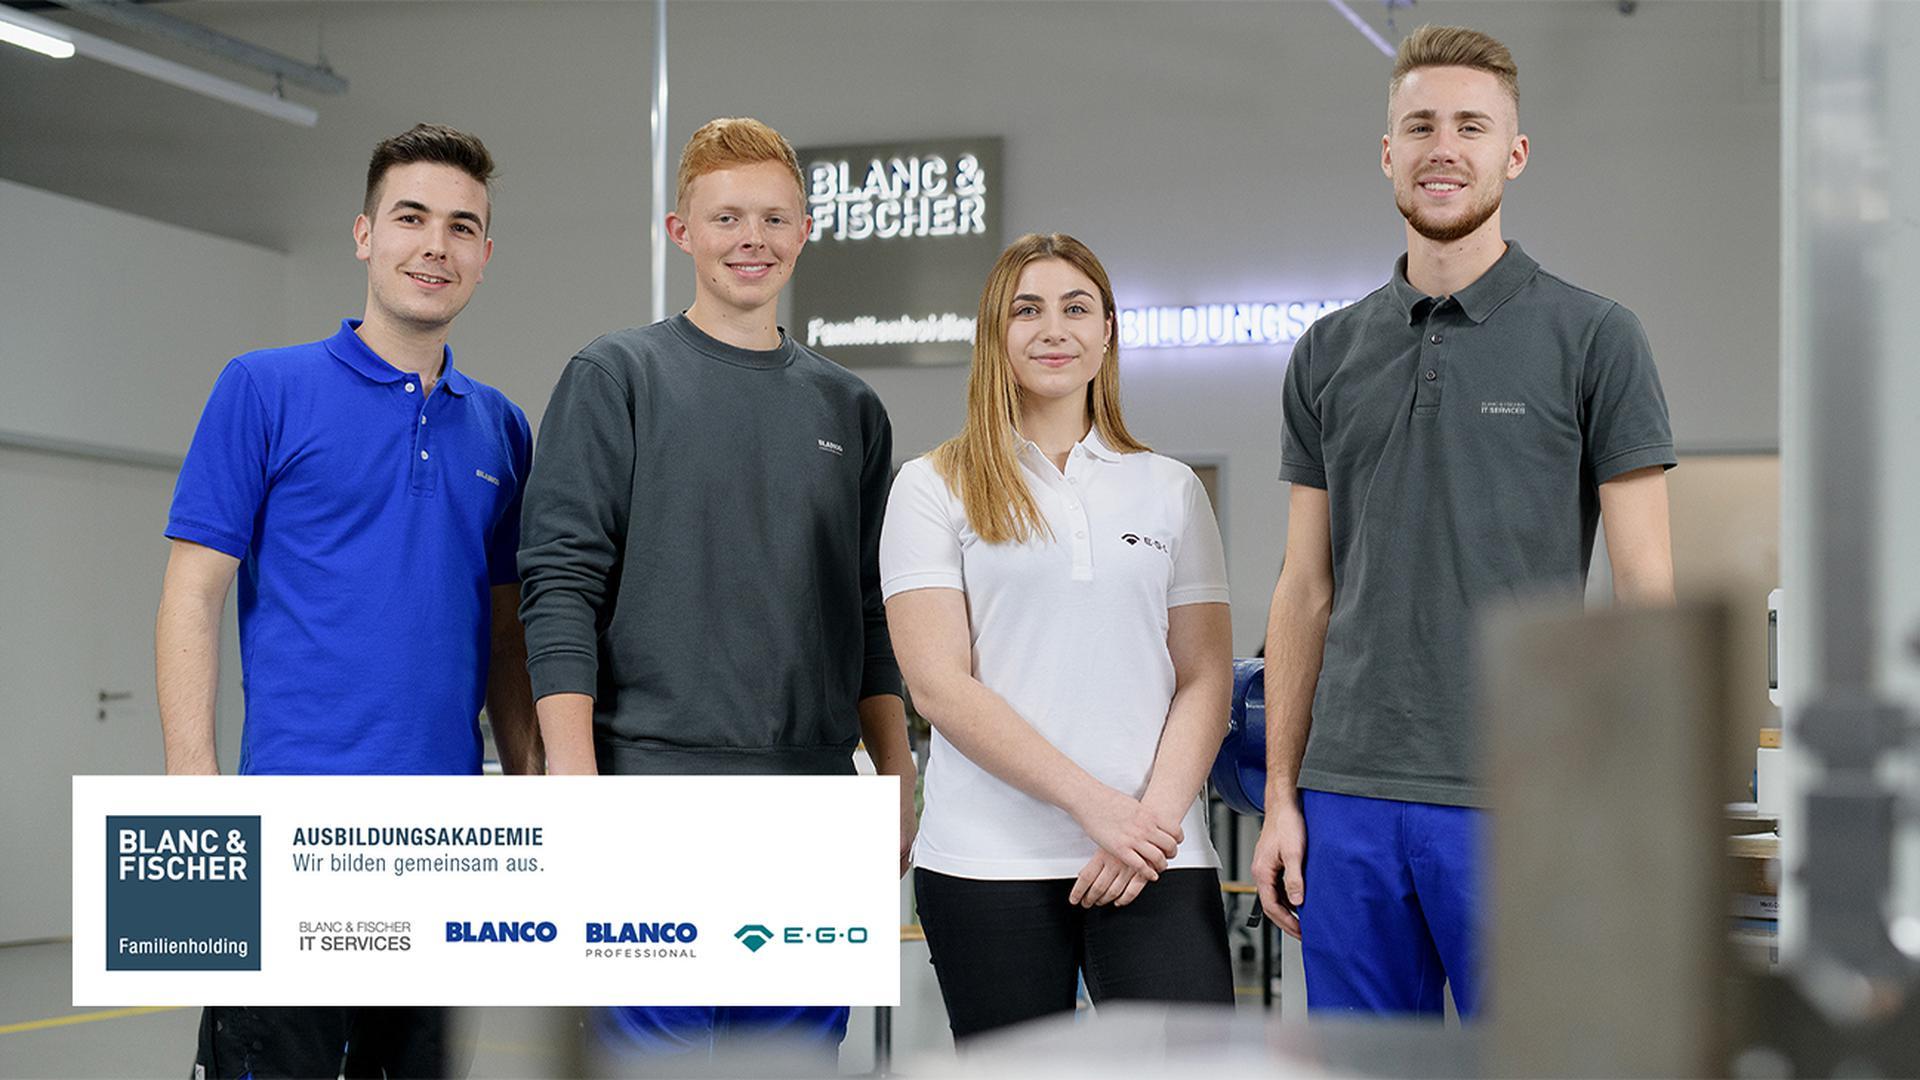 Mehr Chancen für junge Talente: Startklar mit der Blanc & Fischer Ausbildungsakademie!